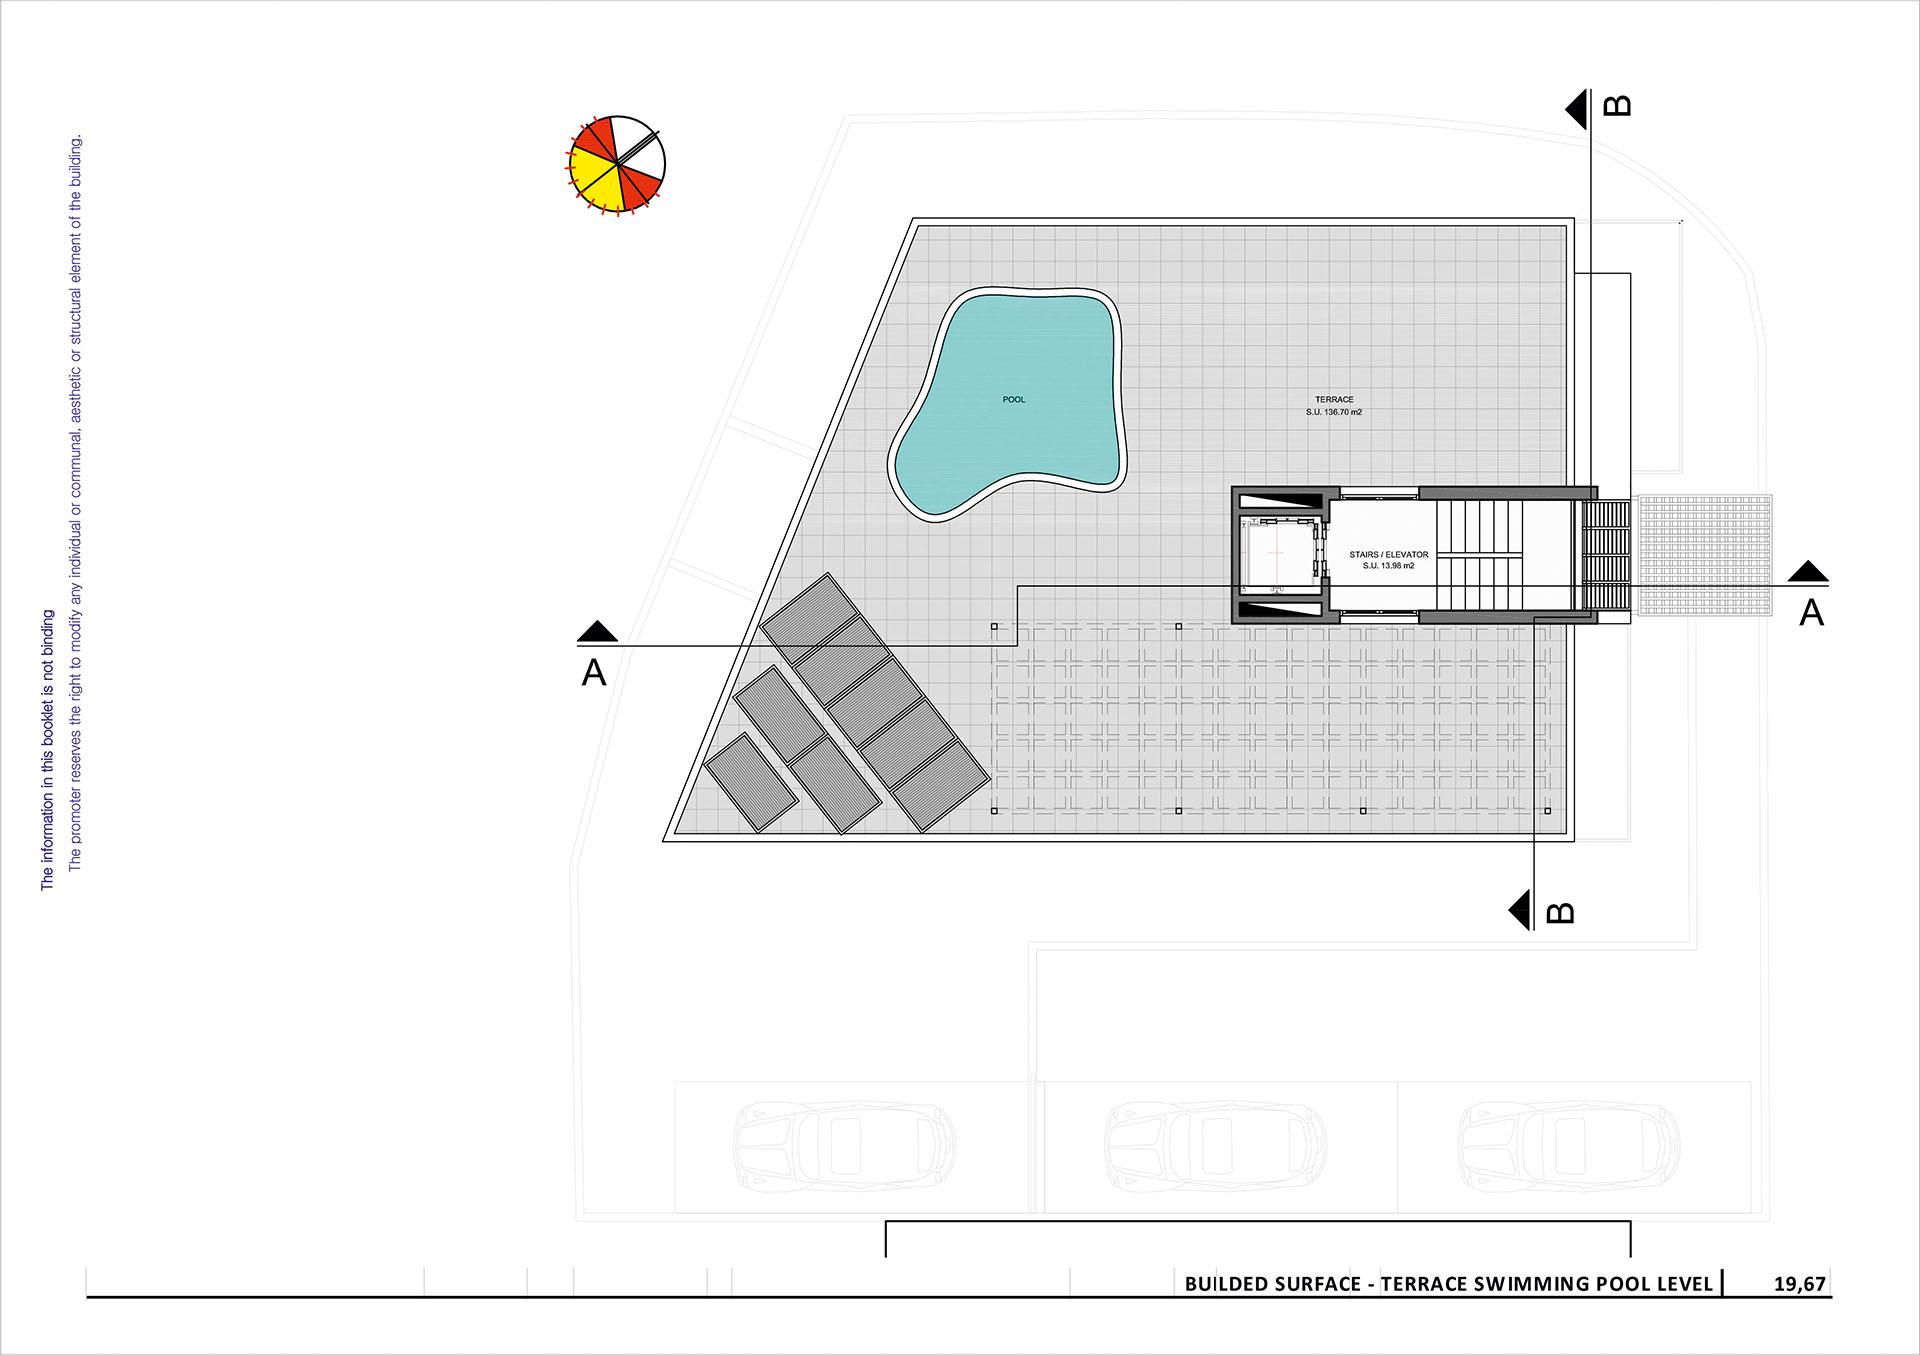 edificio bellavista 2 eurosur project manager vista bella apple valley estates